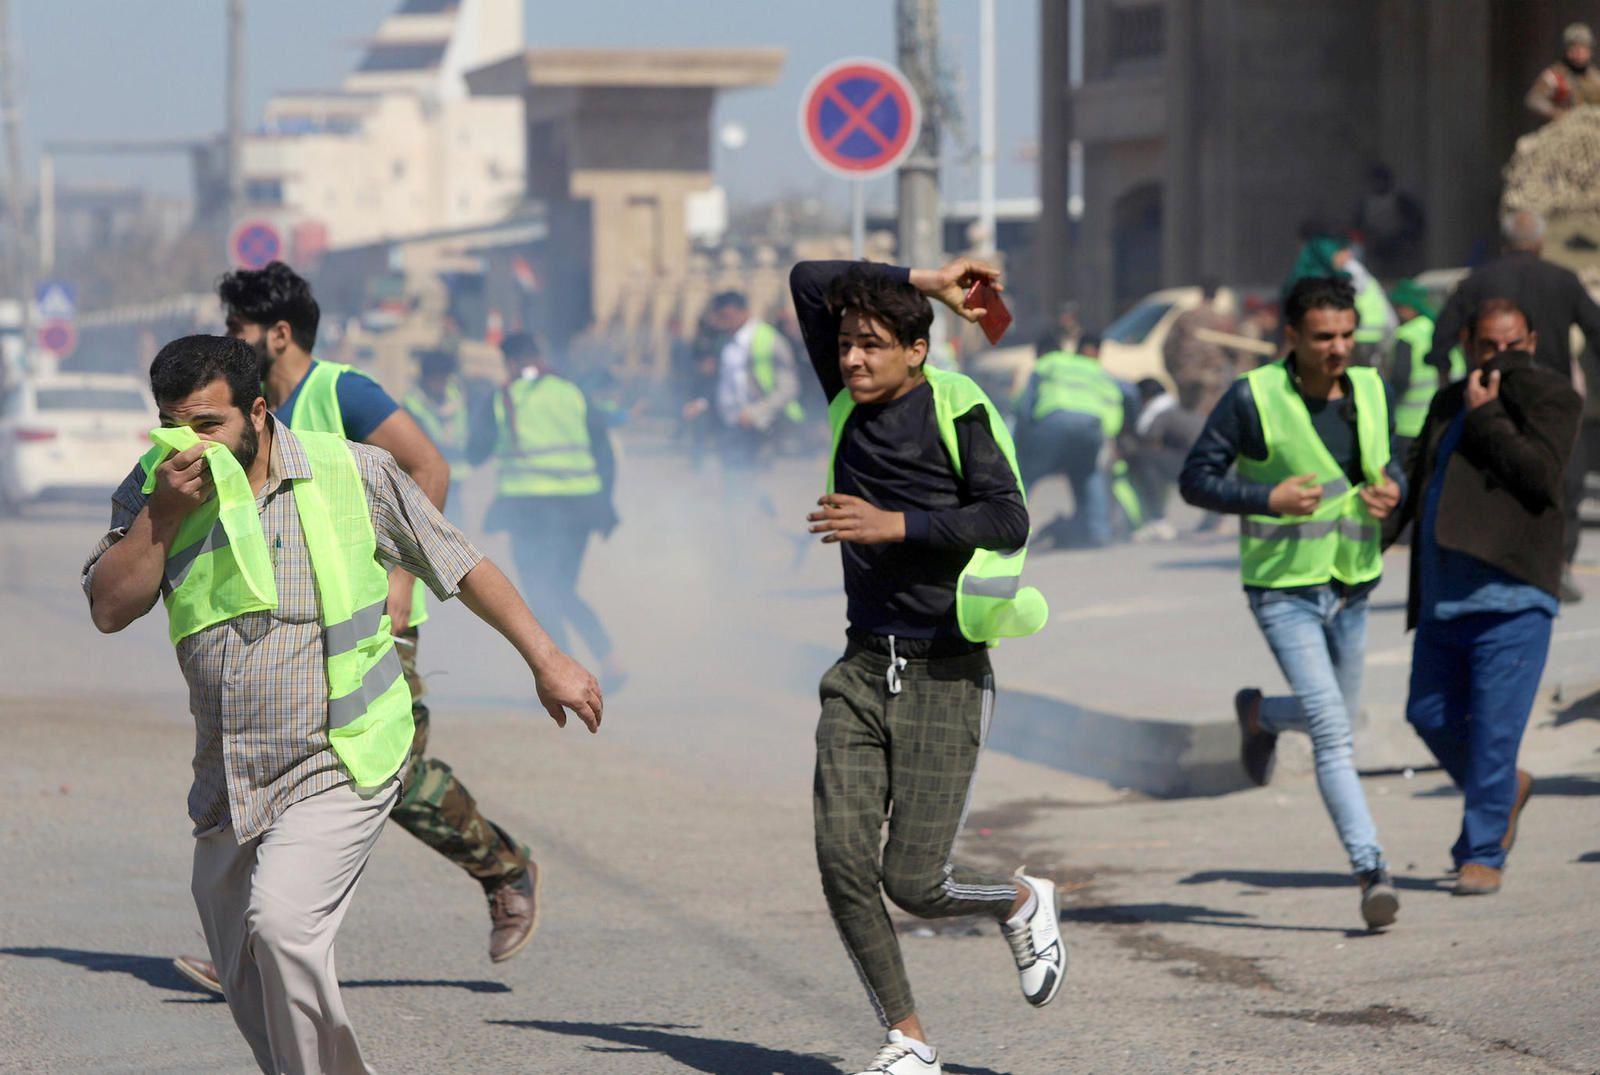 Bassora (Irak). 7 mars. Ces manifestants courent pour éviter les gaz lacrymogènes. Vêtus de gilets jaunes comme les membres du mouvement français du même nom, ils protestent depuis la mi-août contre le manque d'eau potable et la corruption du gouvernement.  PHOTO ESSAM AL-SUDANI / REUTERS…De nombreux pays imitent les gilets jaunes mais aucun, ni personne, n'imitent le macronisme…D'où il s'aigrit en autoritarisme sans issue ?